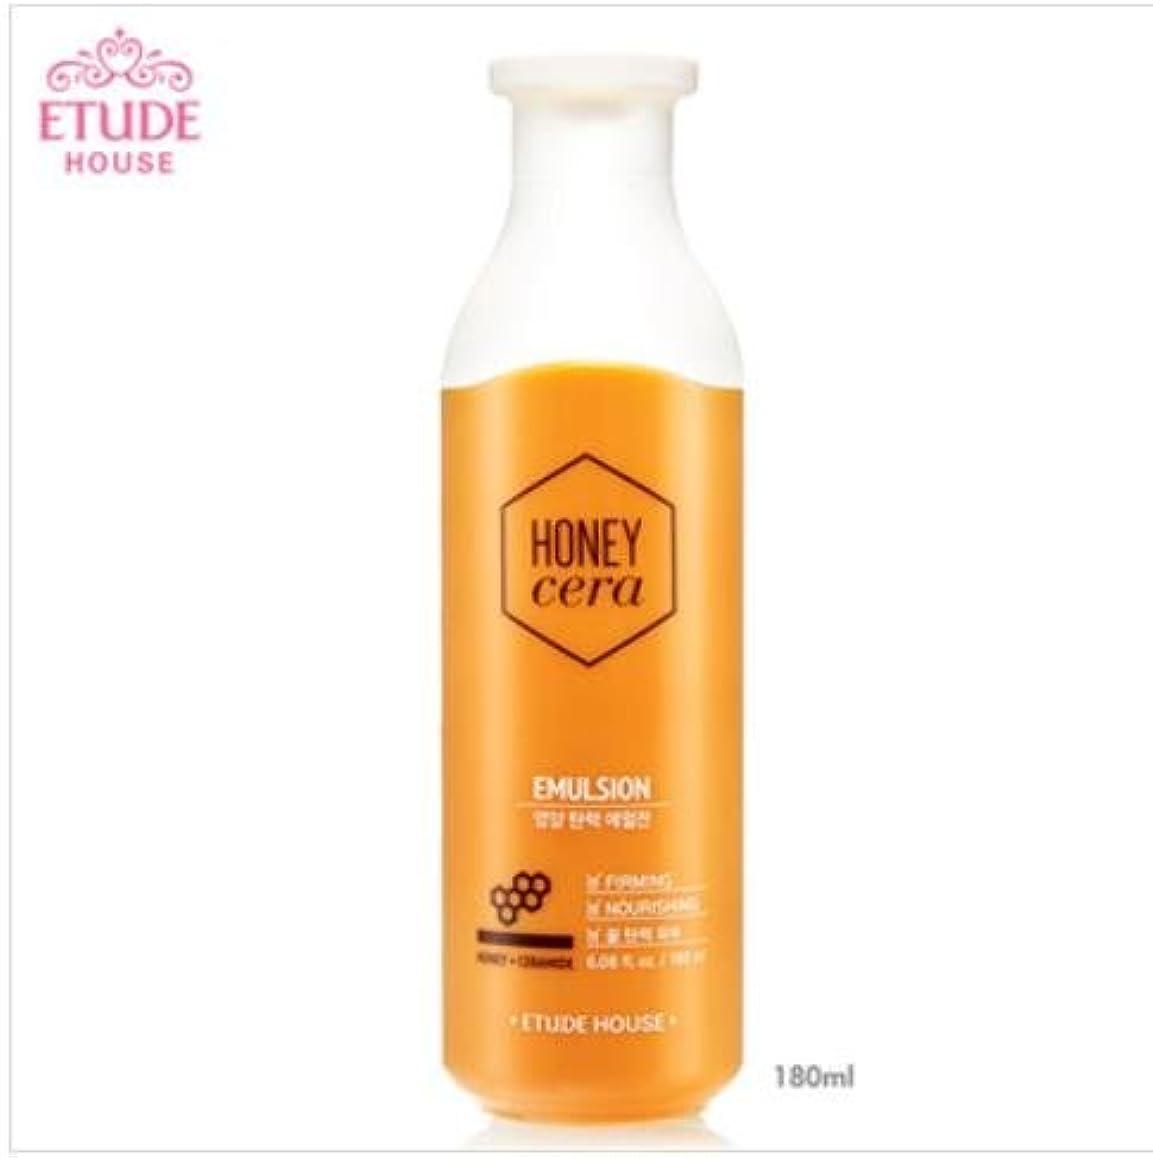 コンセンサス旅客好ましい[エチュードハウス] ETUDE HOUSE [ハニーセラ 栄養弾力 エマルジョン 180ml] (Honey Sarah nutrition elastic Emulsion 180ml) [並行輸入品]